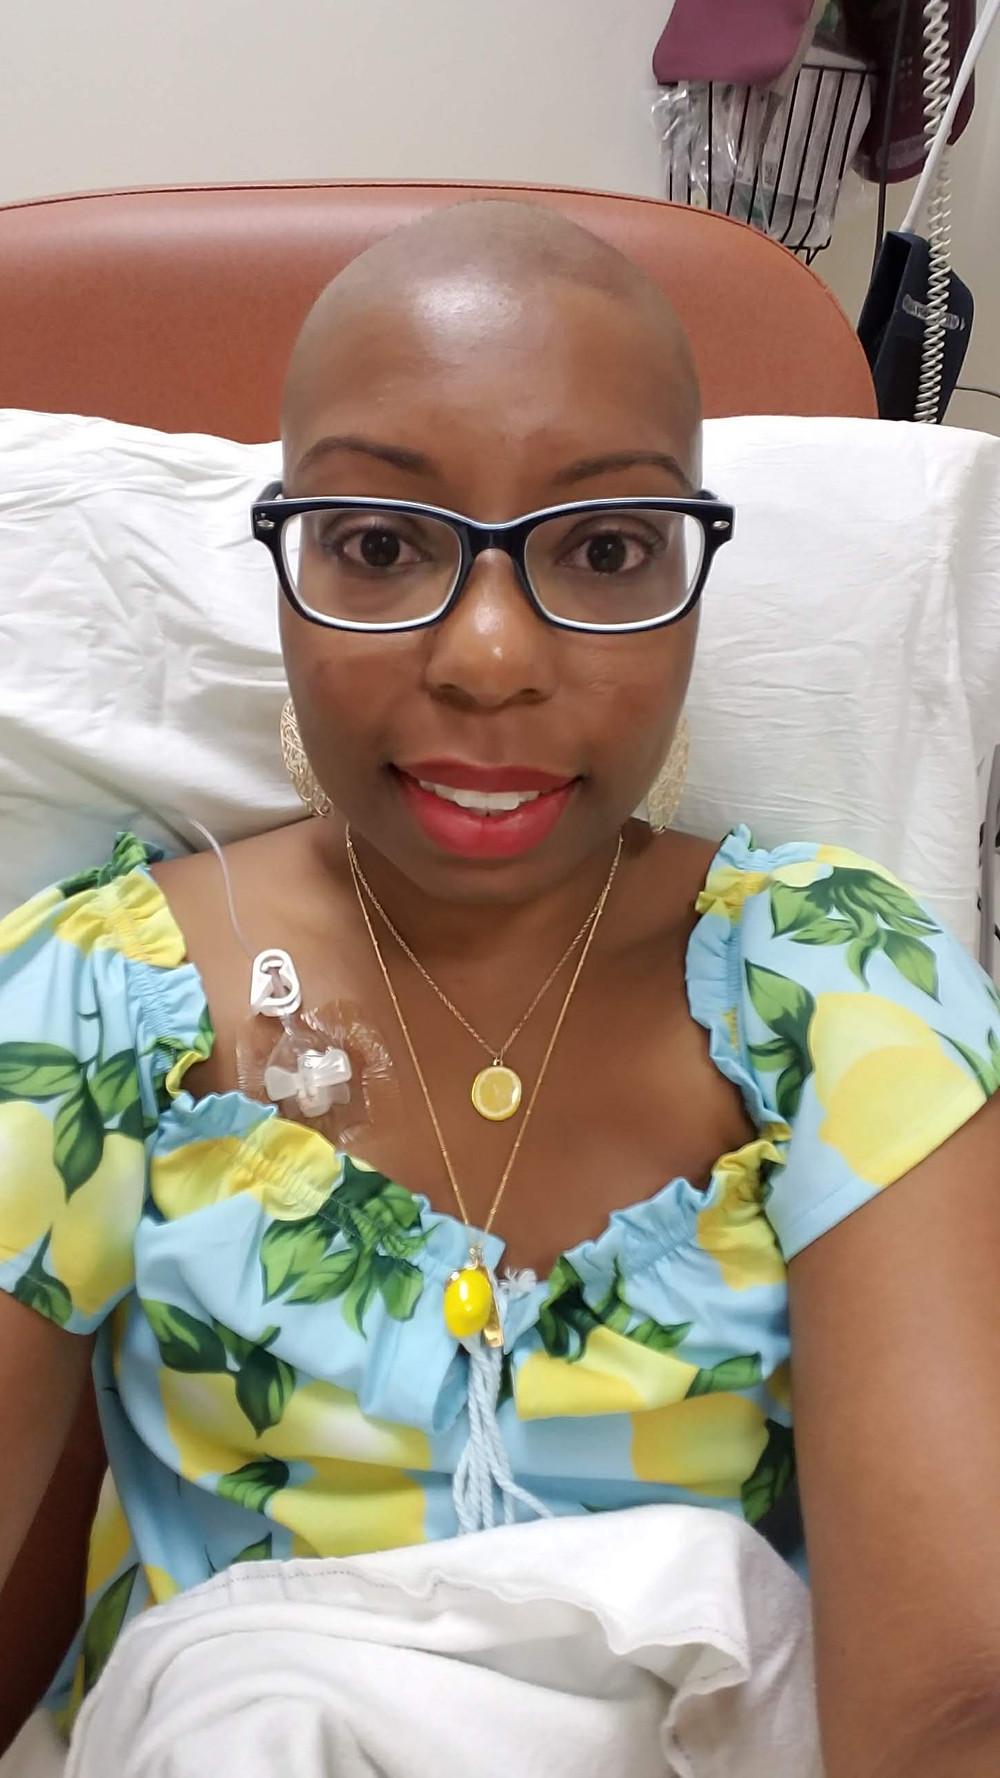 Girls Rocking Cancer - Dr Alxea Gaffney